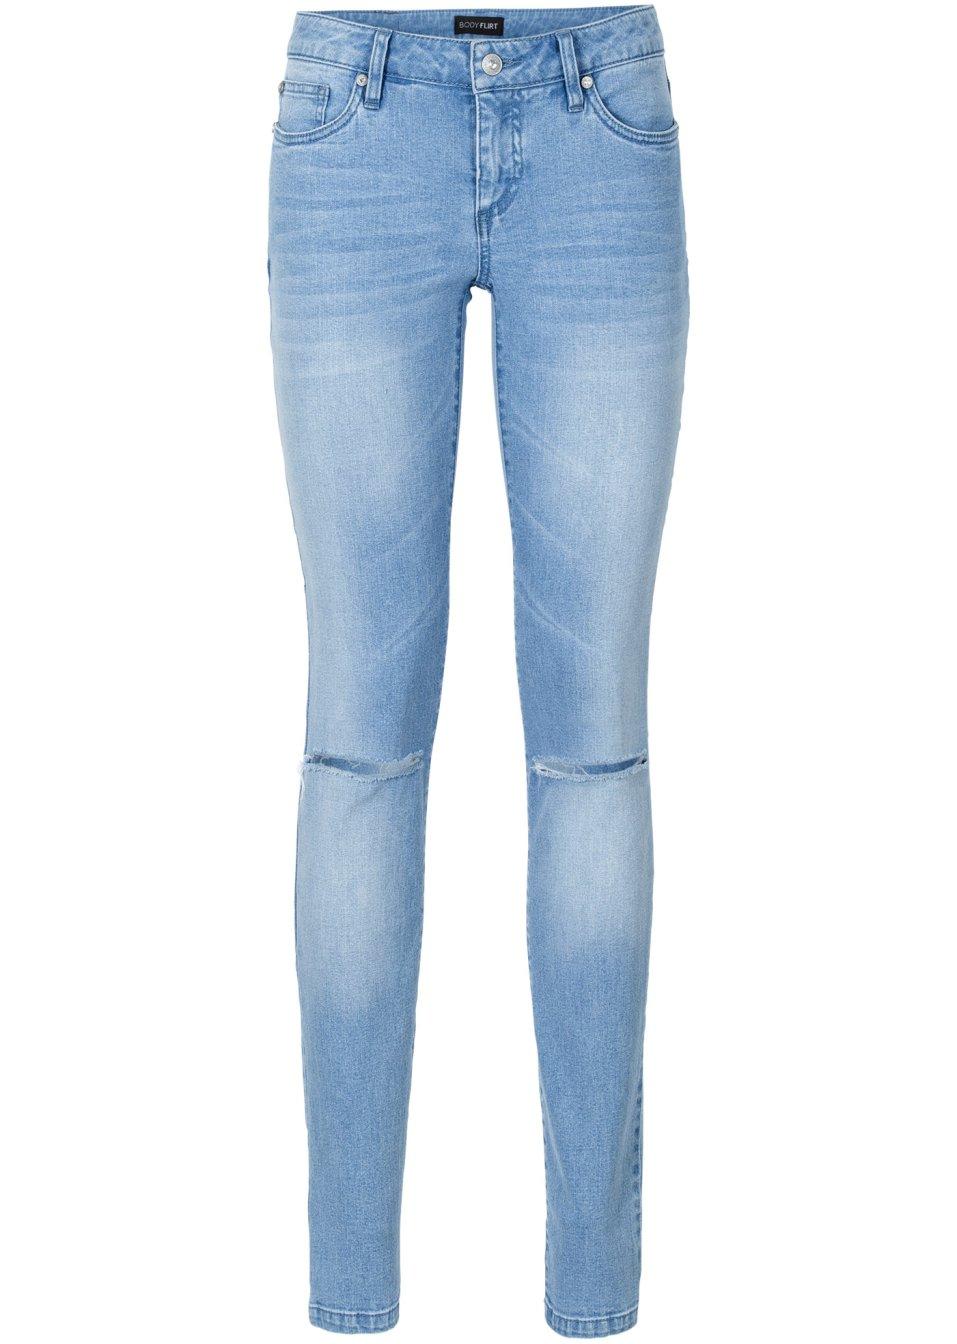 eng anliegende jeans mit schlitzen und push up effekt. Black Bedroom Furniture Sets. Home Design Ideas